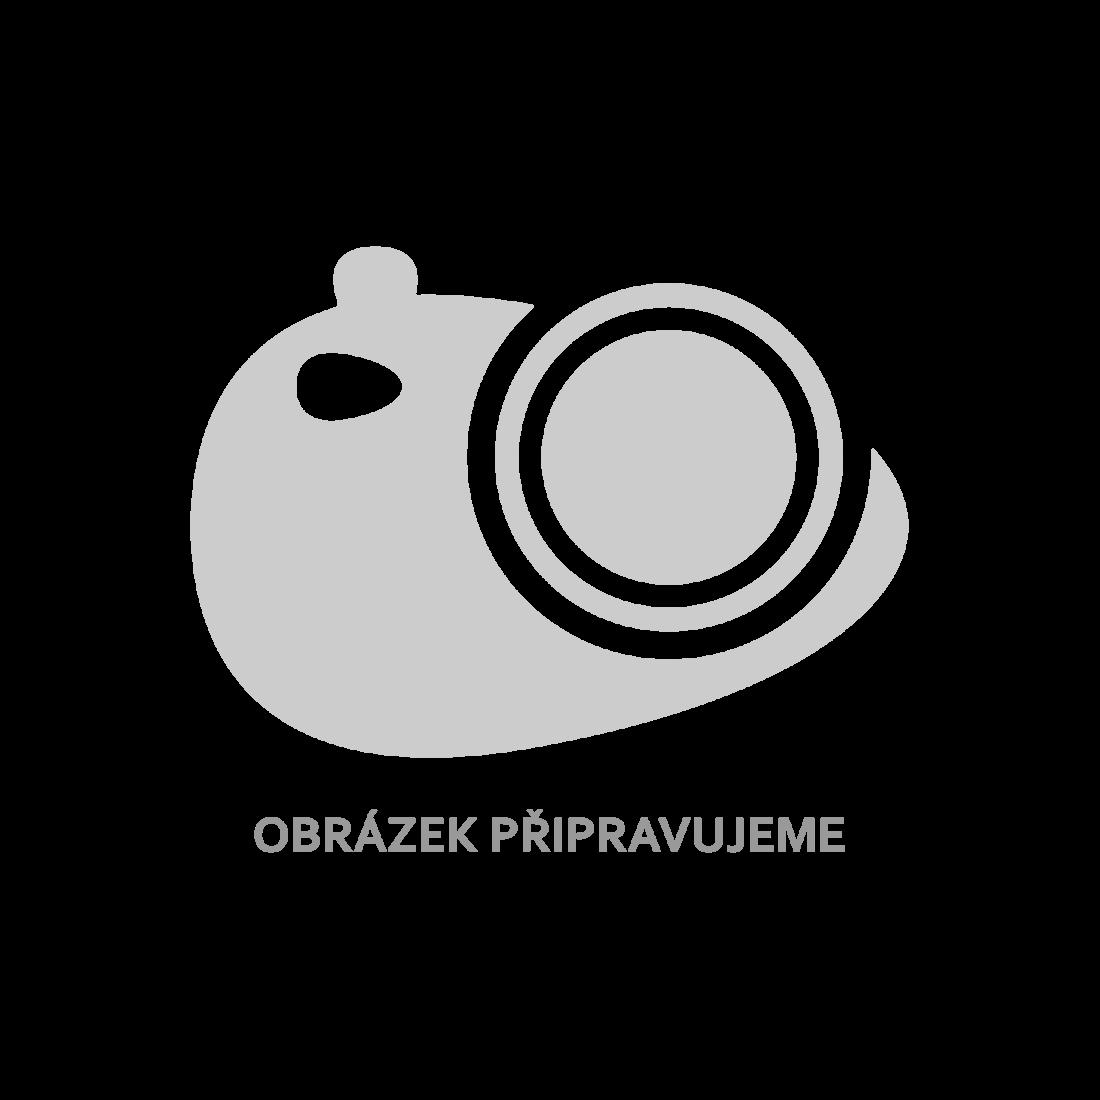 vidaXL Zahradní úložný box polyratan 180 x 90 x 75 cm černý [46477]